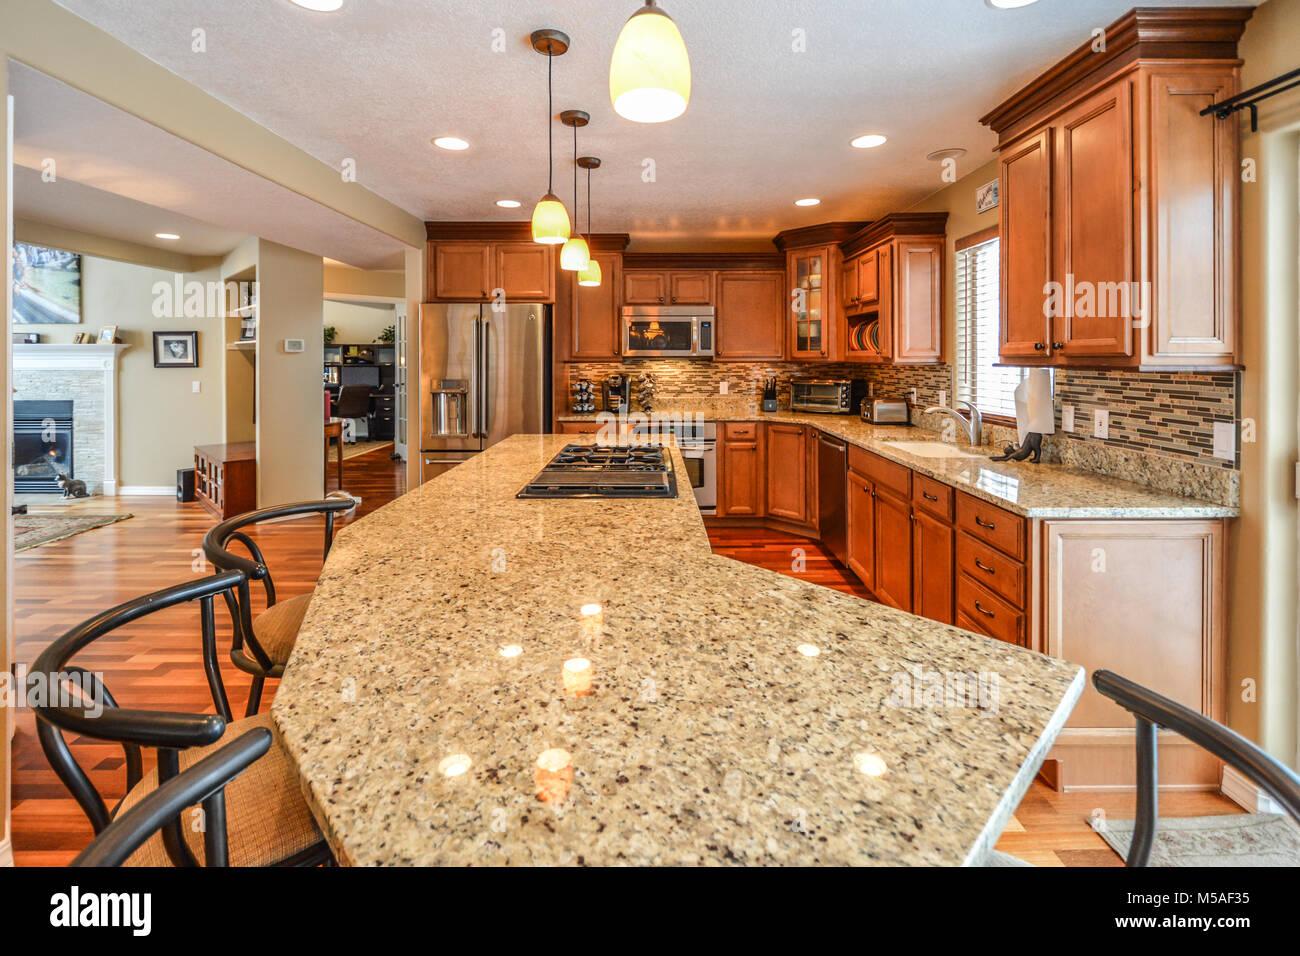 Spaziosa cucina di lusso in una casa di lusso con grandi lastre di